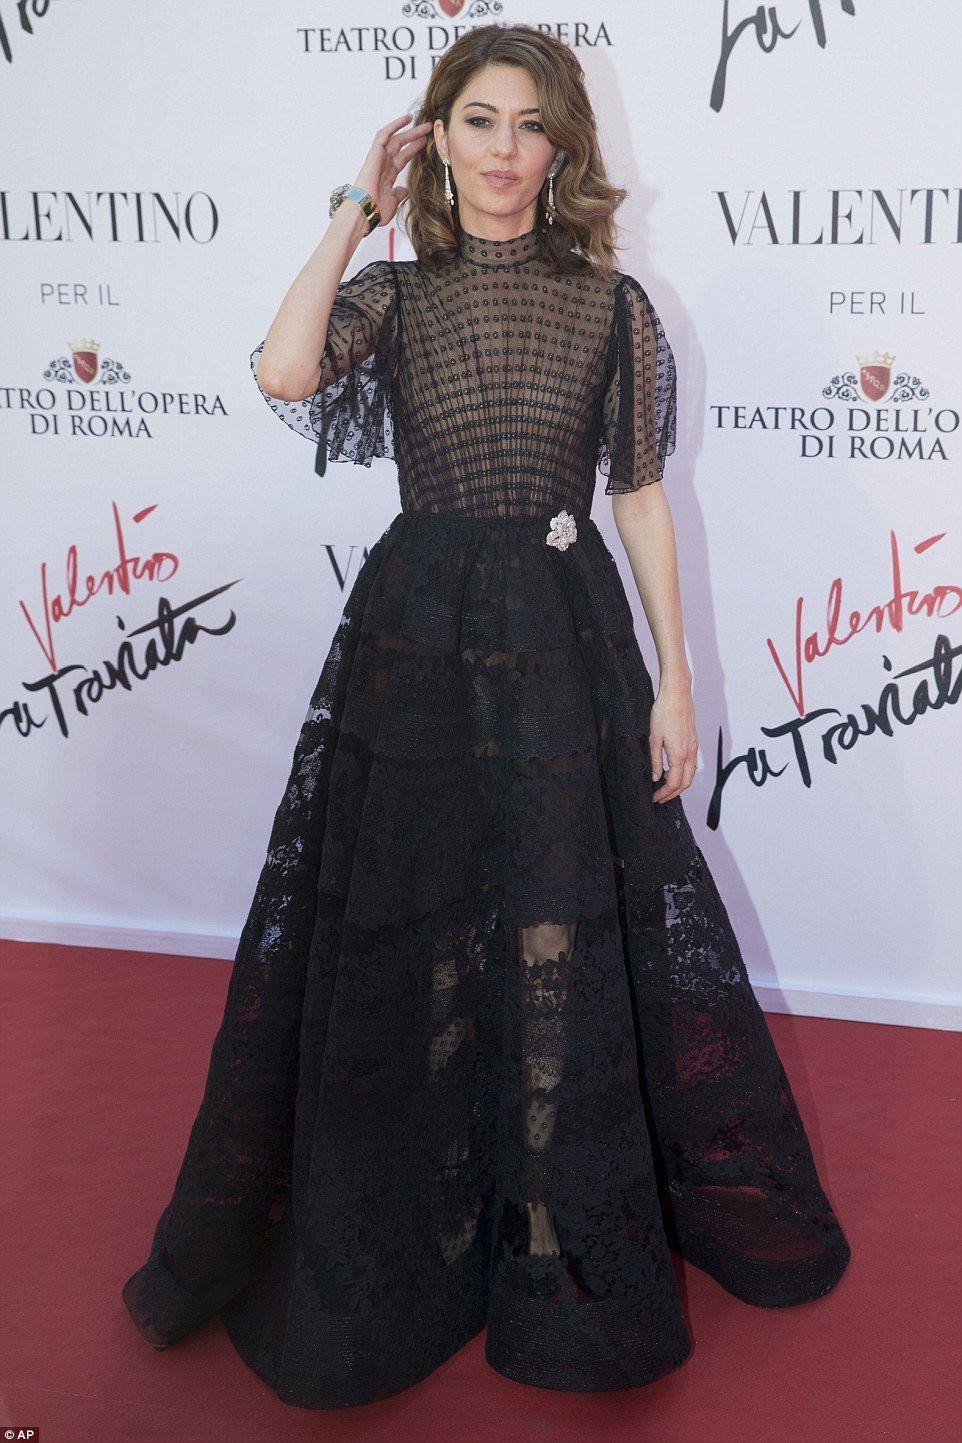 Kim kardashian stuns at premiere of sofia coppolaus opera sofia